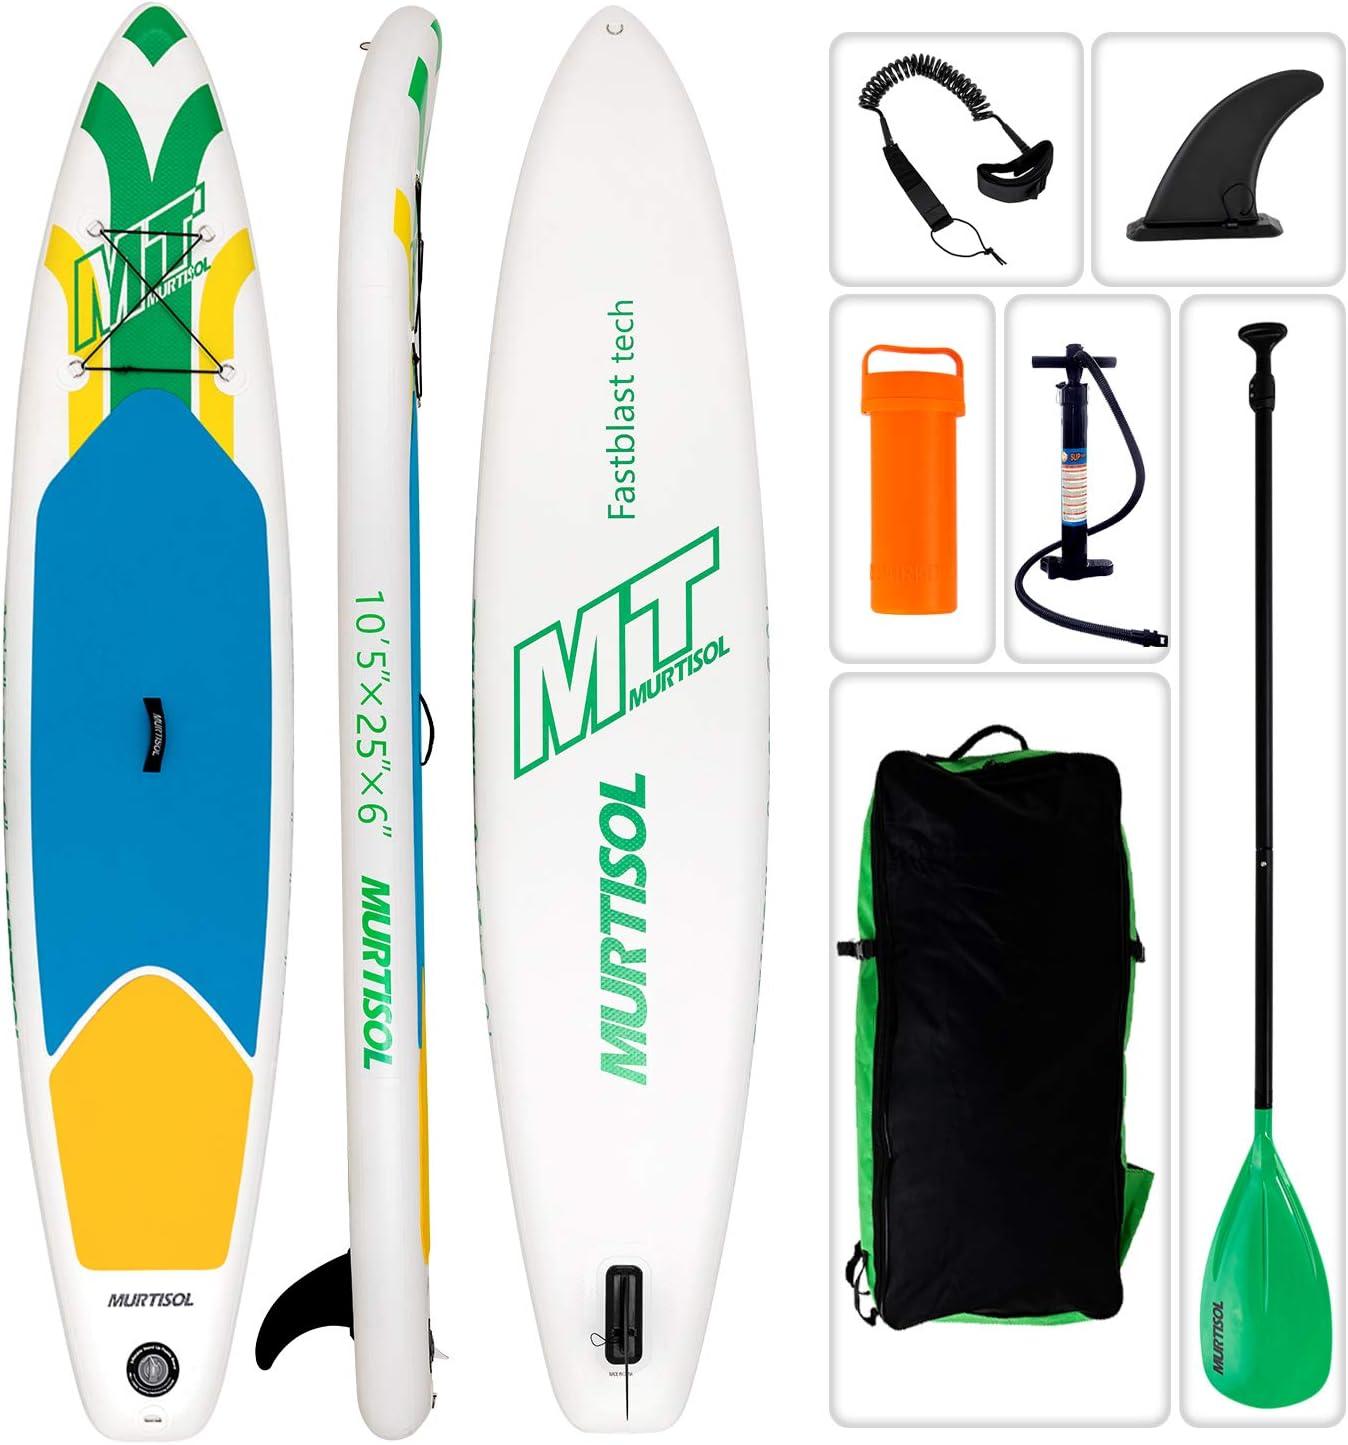 long and narrow sup board